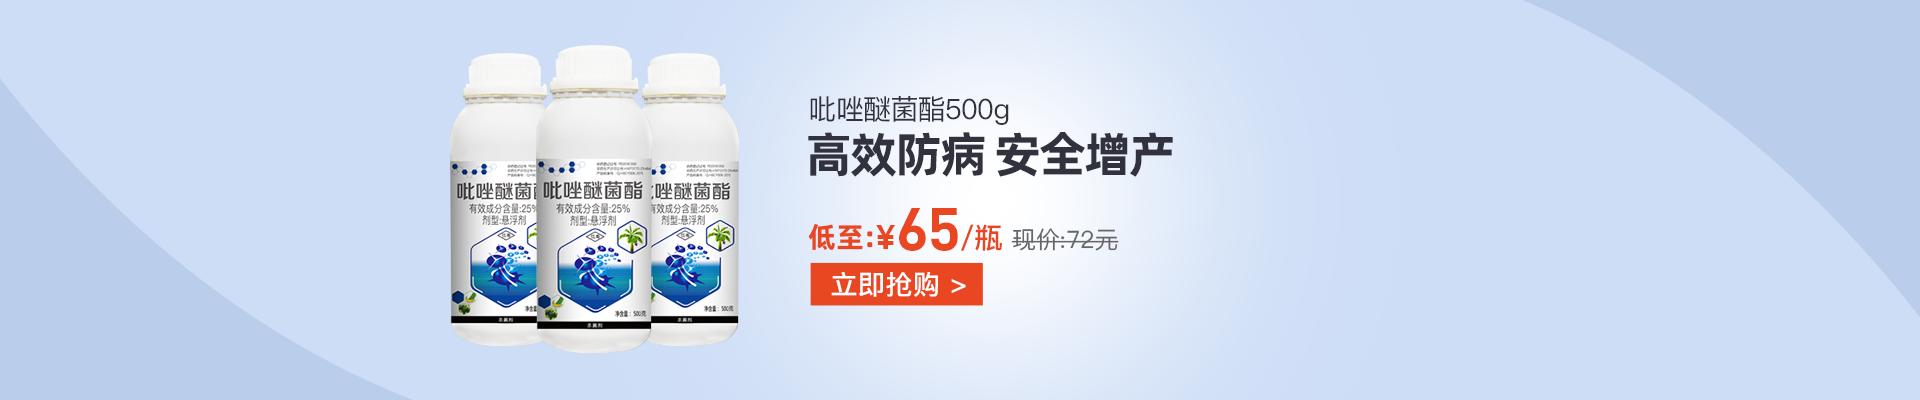 【1月】众筹-【丰创严选】25%吡唑醚菌酯悬浮剂 500g500g*10瓶